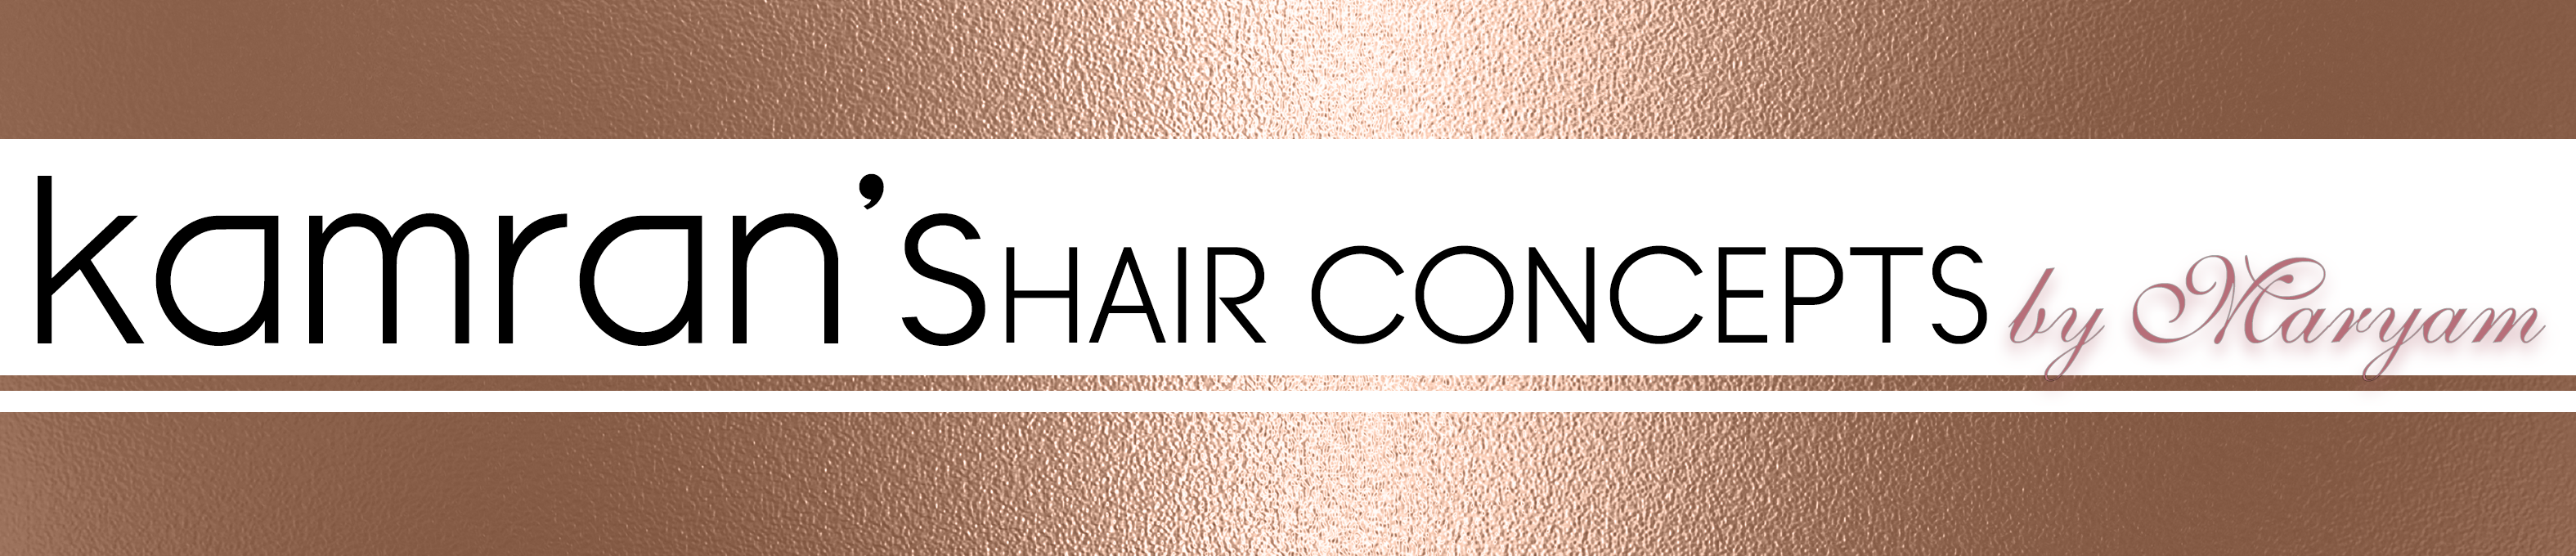 Kamran's Hair Concepts by Maryam